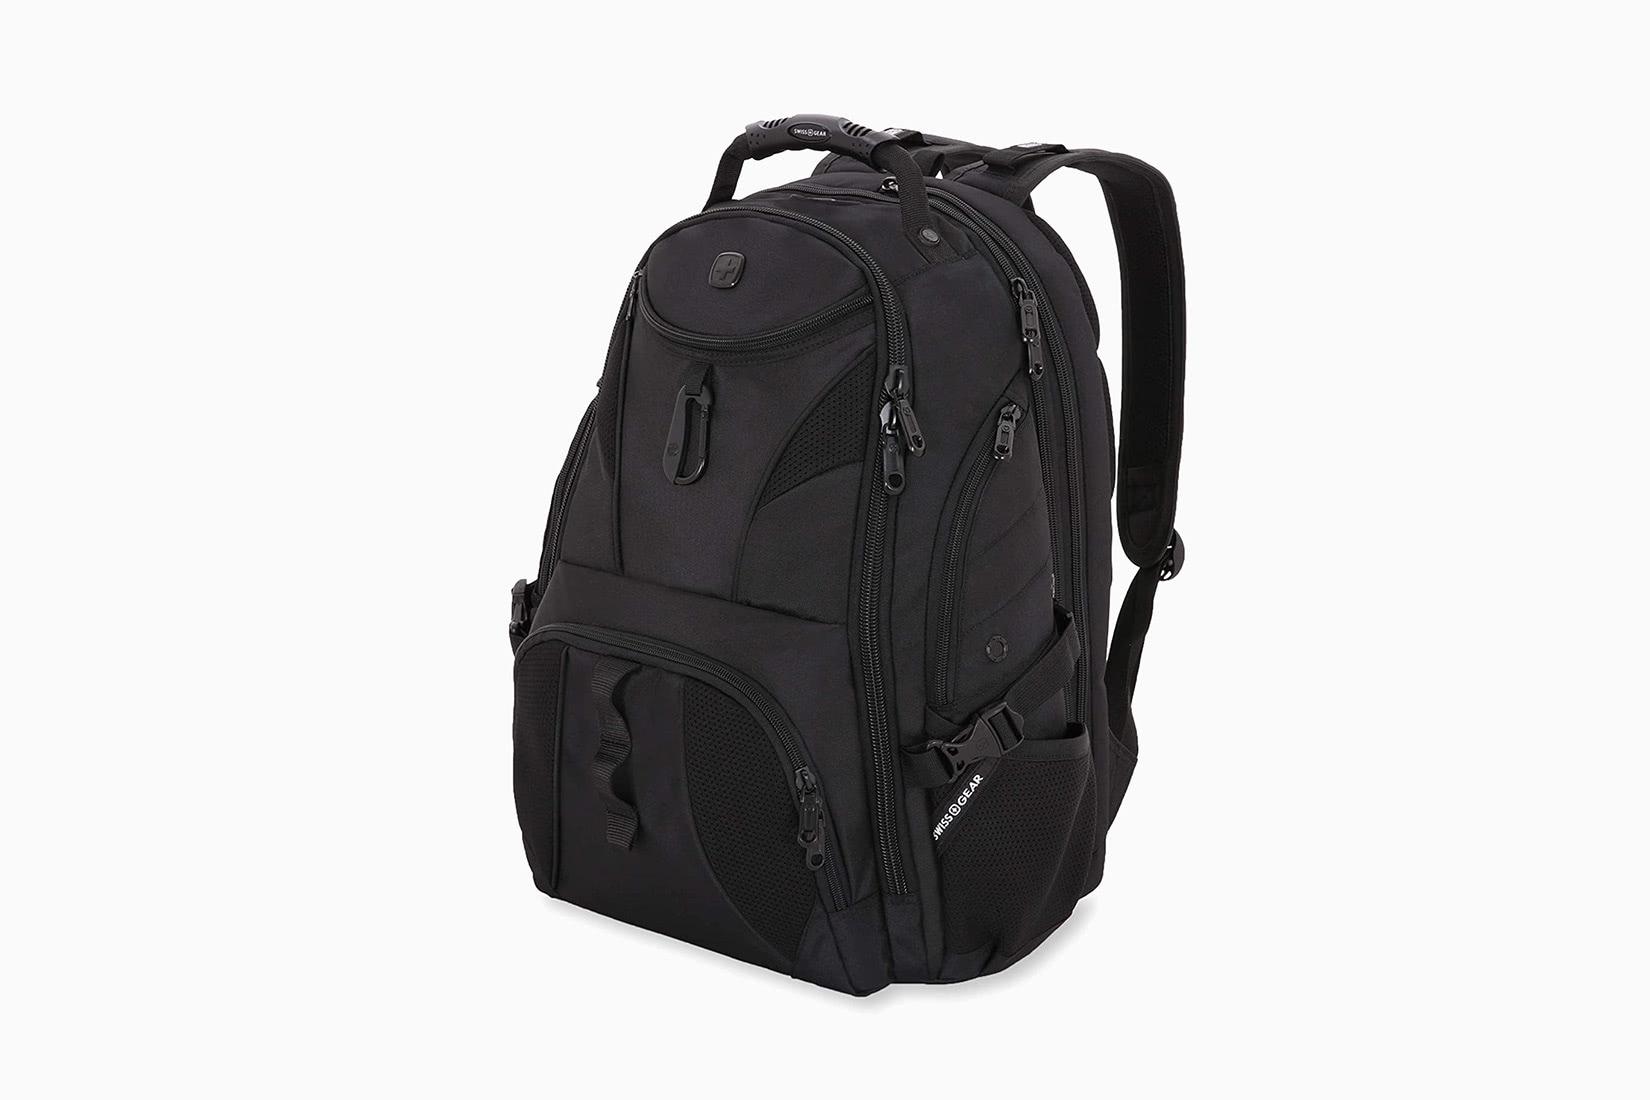 best edc backpack swissgear scansmart - Luxe Digital